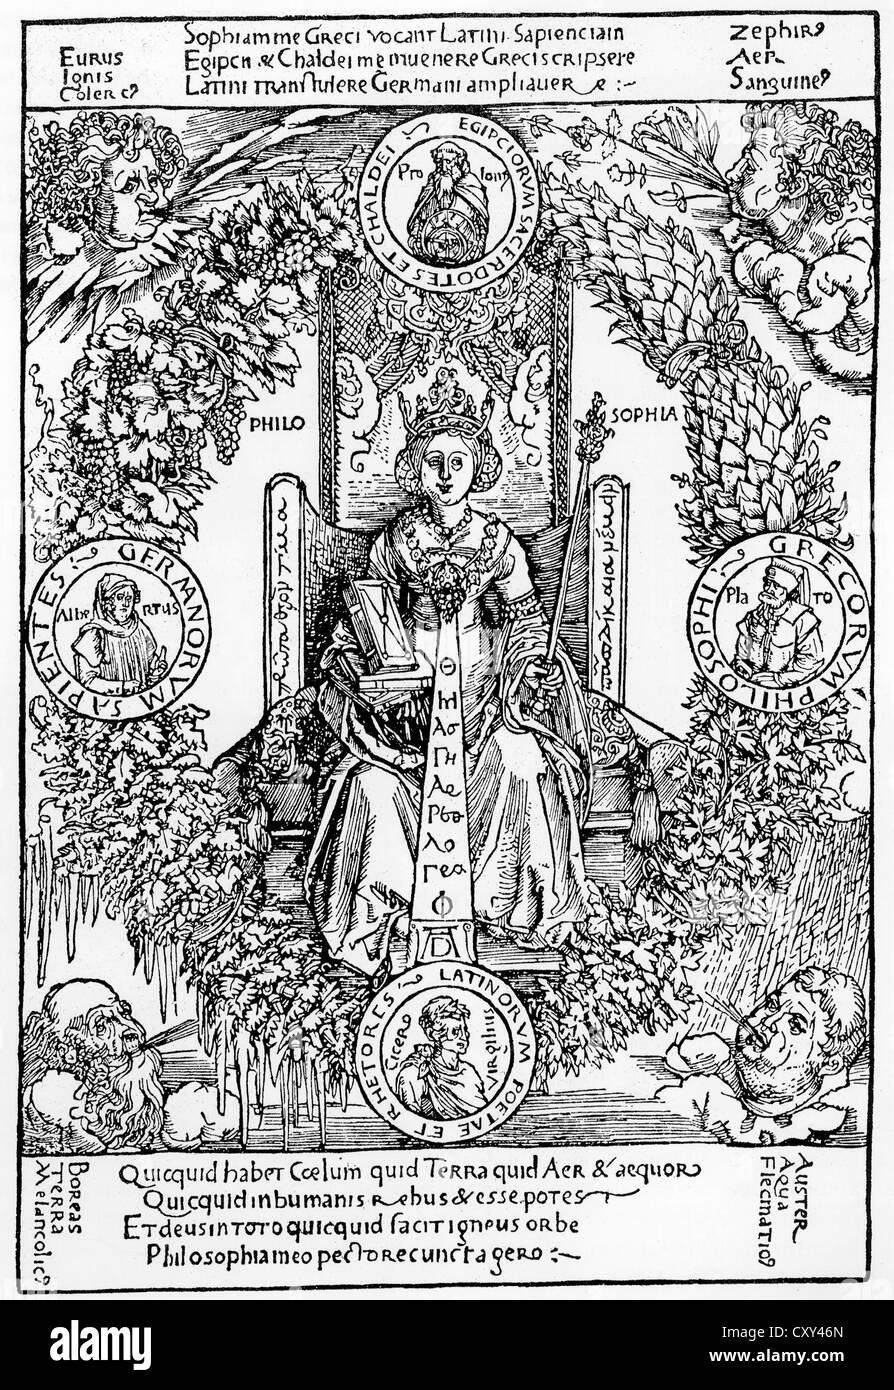 ALBRECHT DURER (1471-1528) artista alemão. Seu 1502 xilogravura personificar a filosofia Imagens de Stock